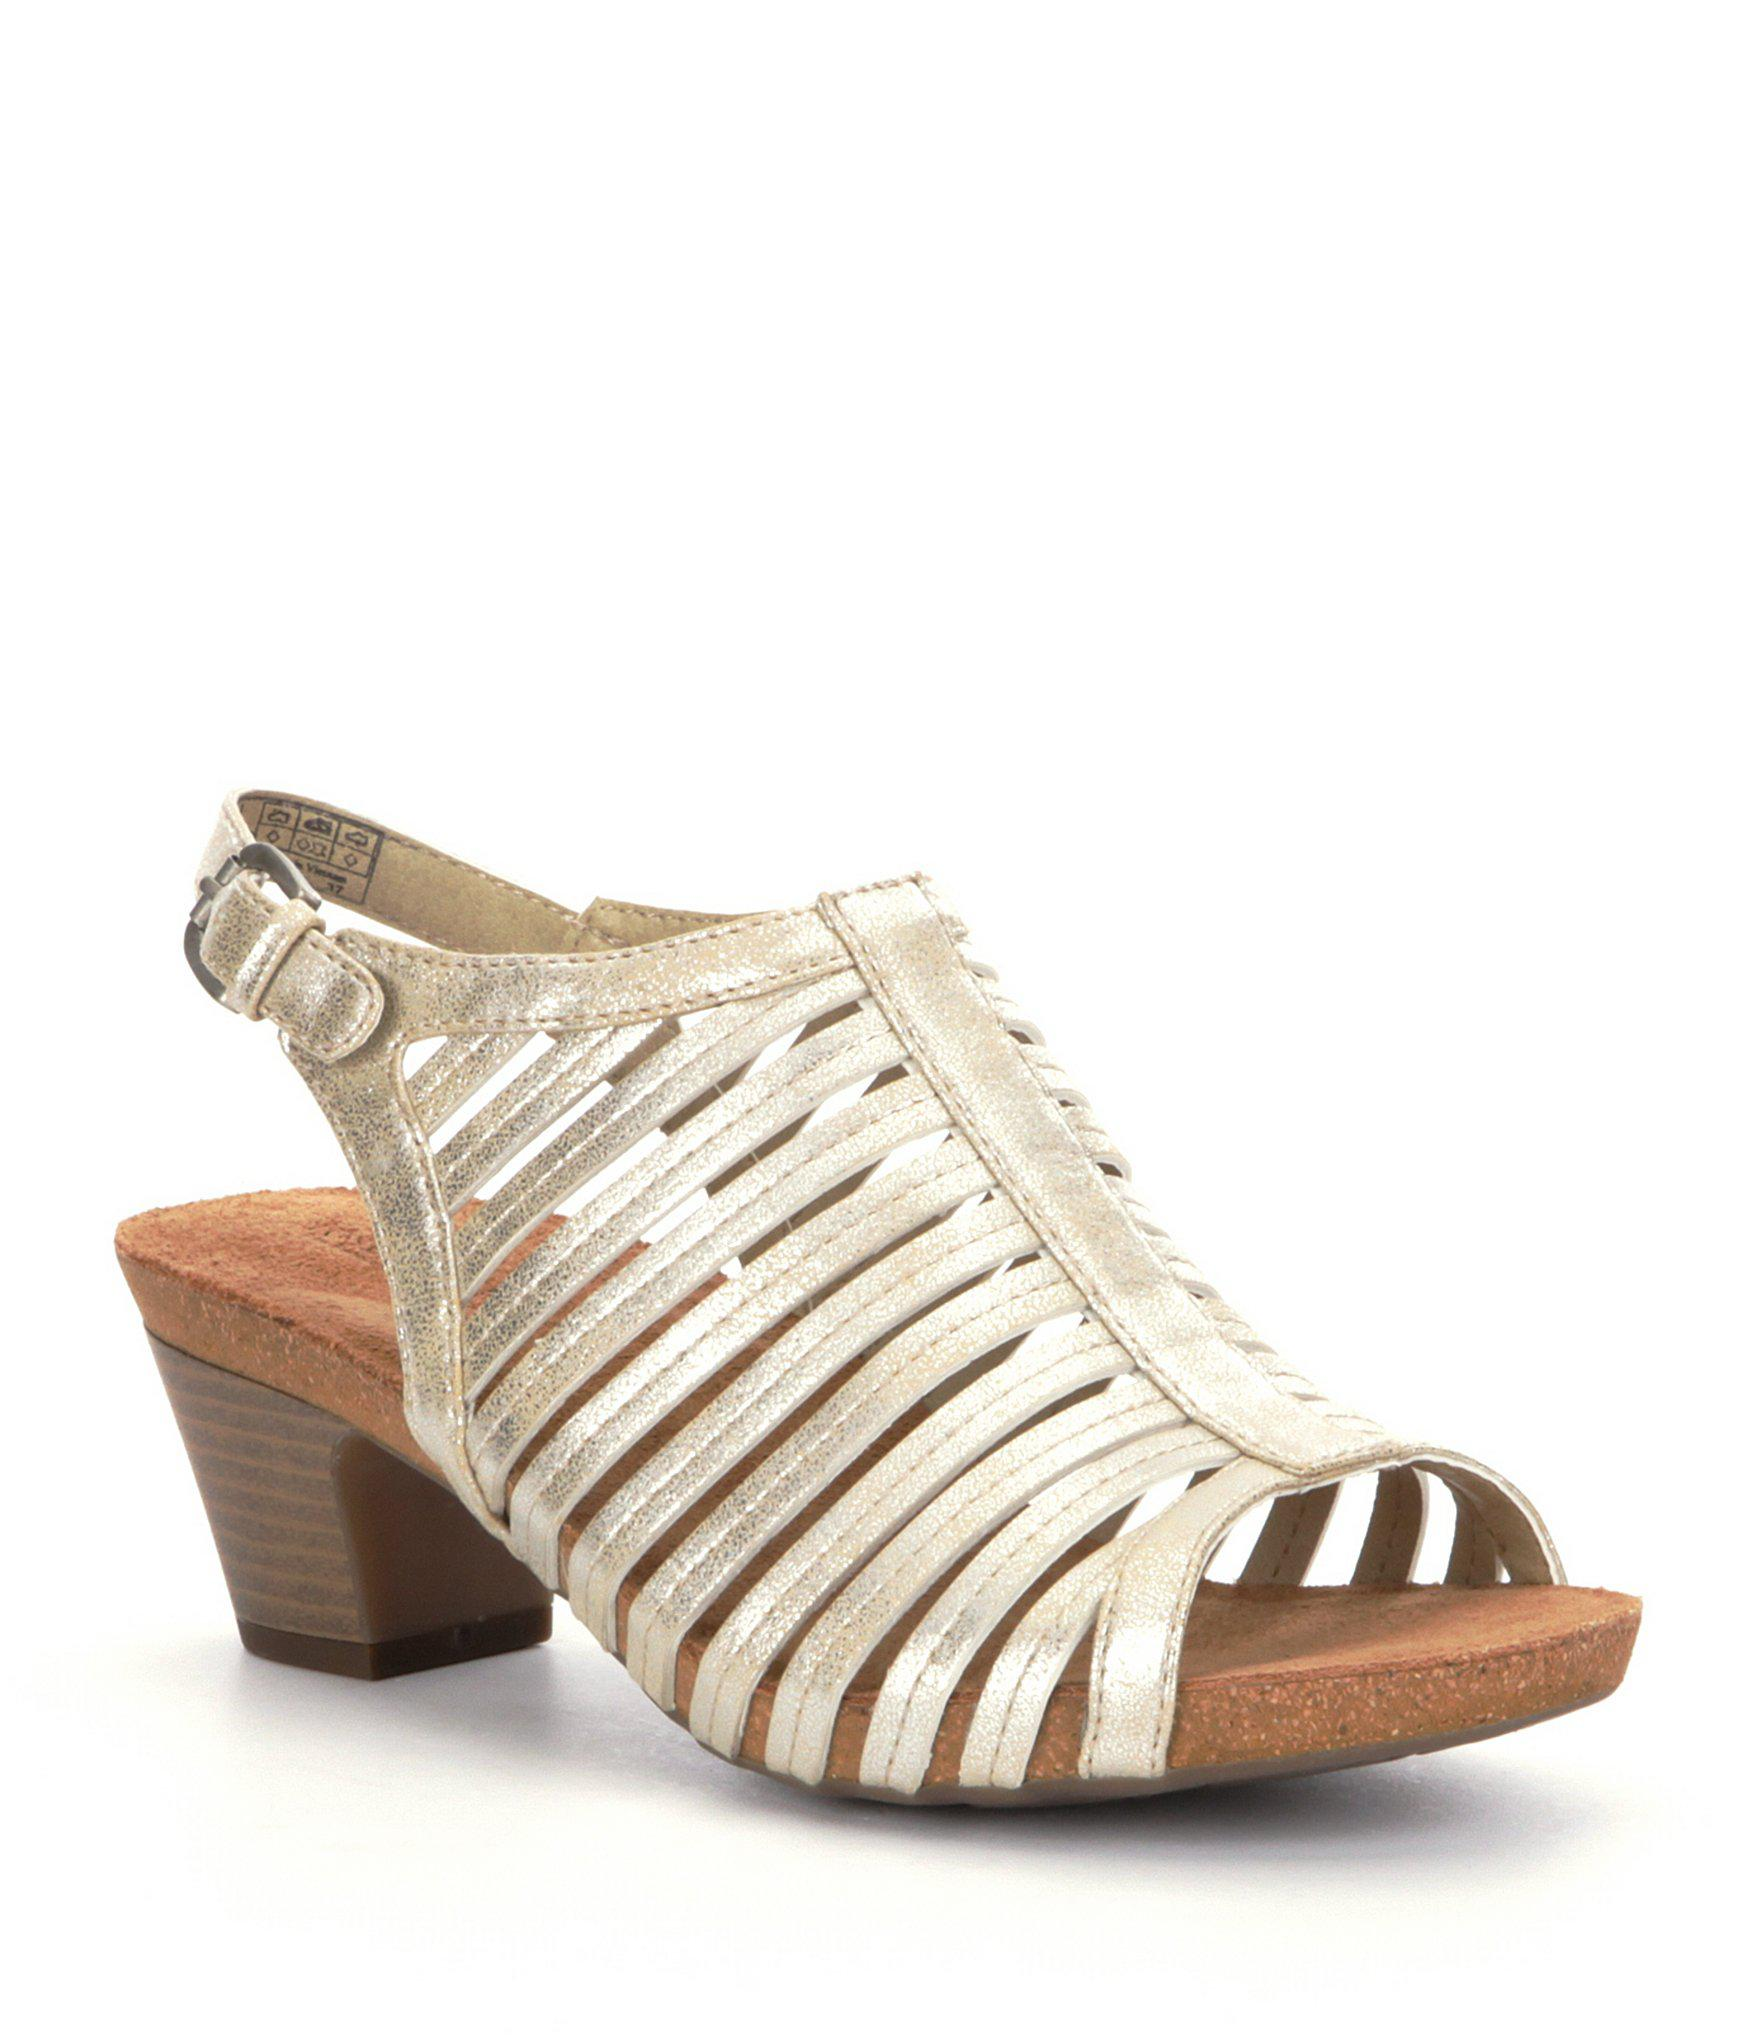 ca642a92bcb2 Lyst - Josef Seibel Ruth 21 Block Heel Sandals